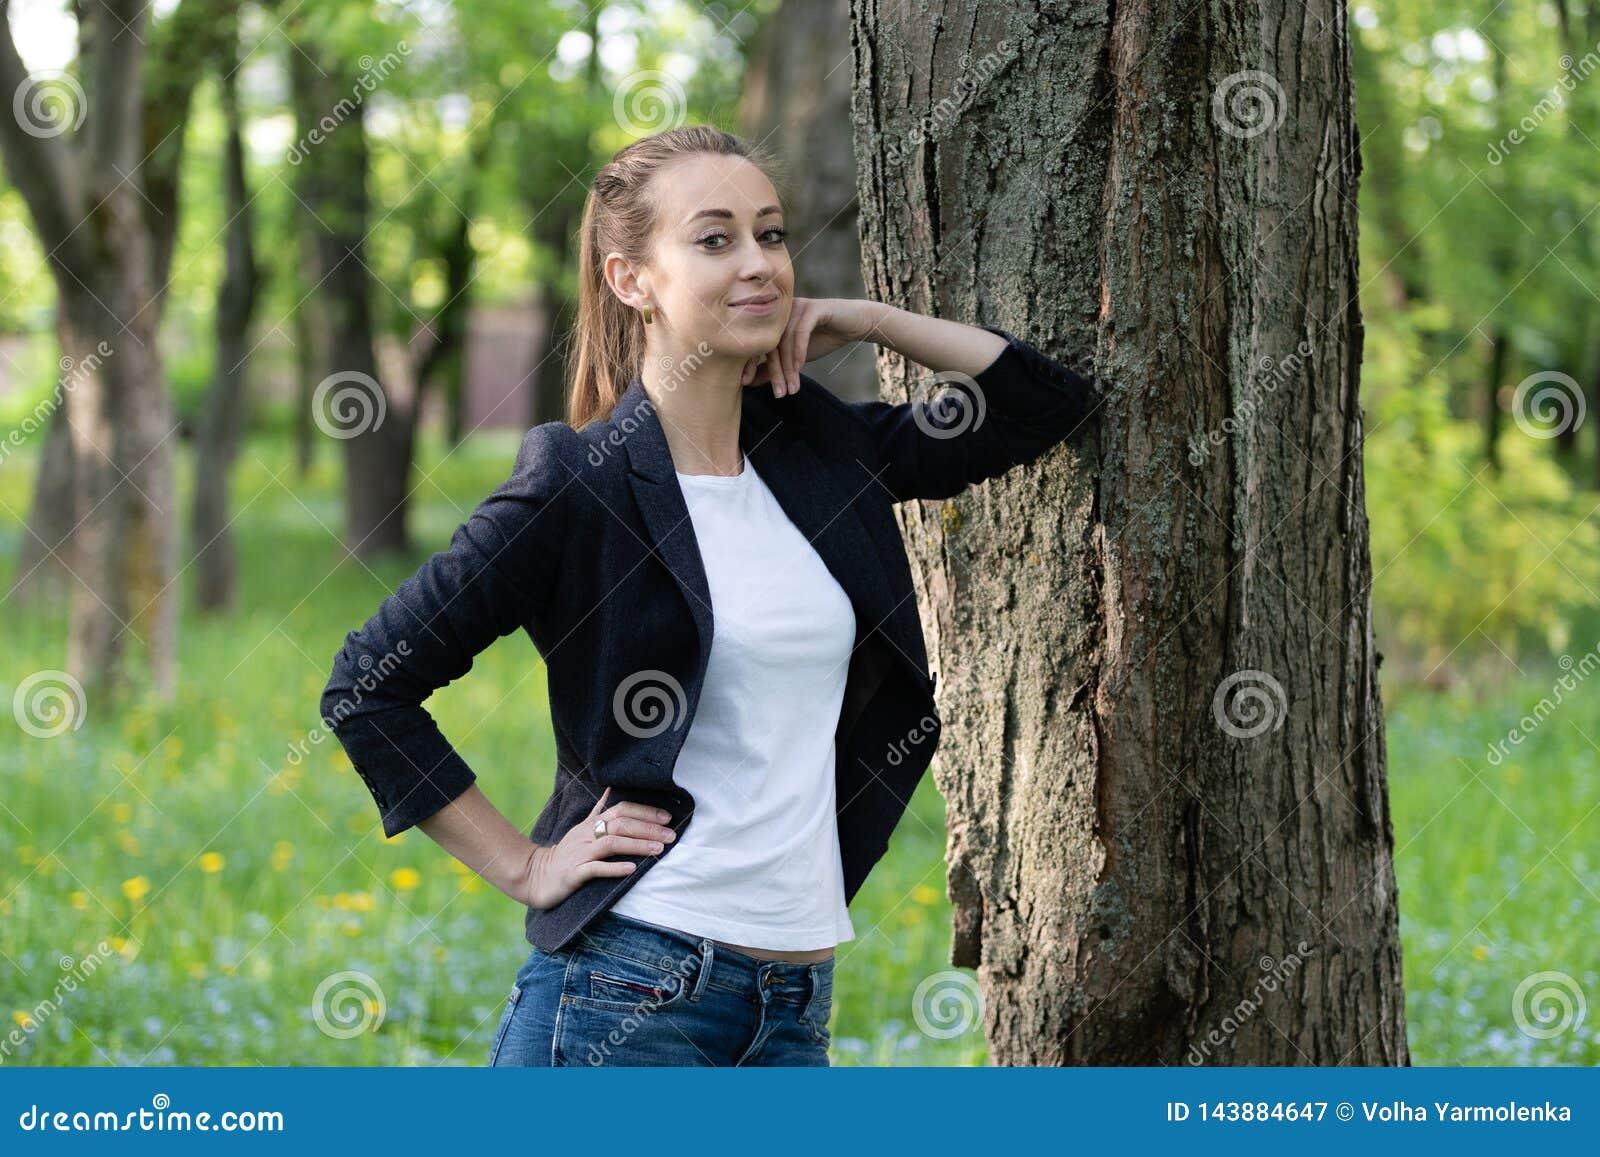 Νέα λεπτά υπόλοιπα γυναικών σε έναν κορμό δέντρων, φαίνεται ευθεία μπροστά με ένα ονειροπόλο βλέμμα